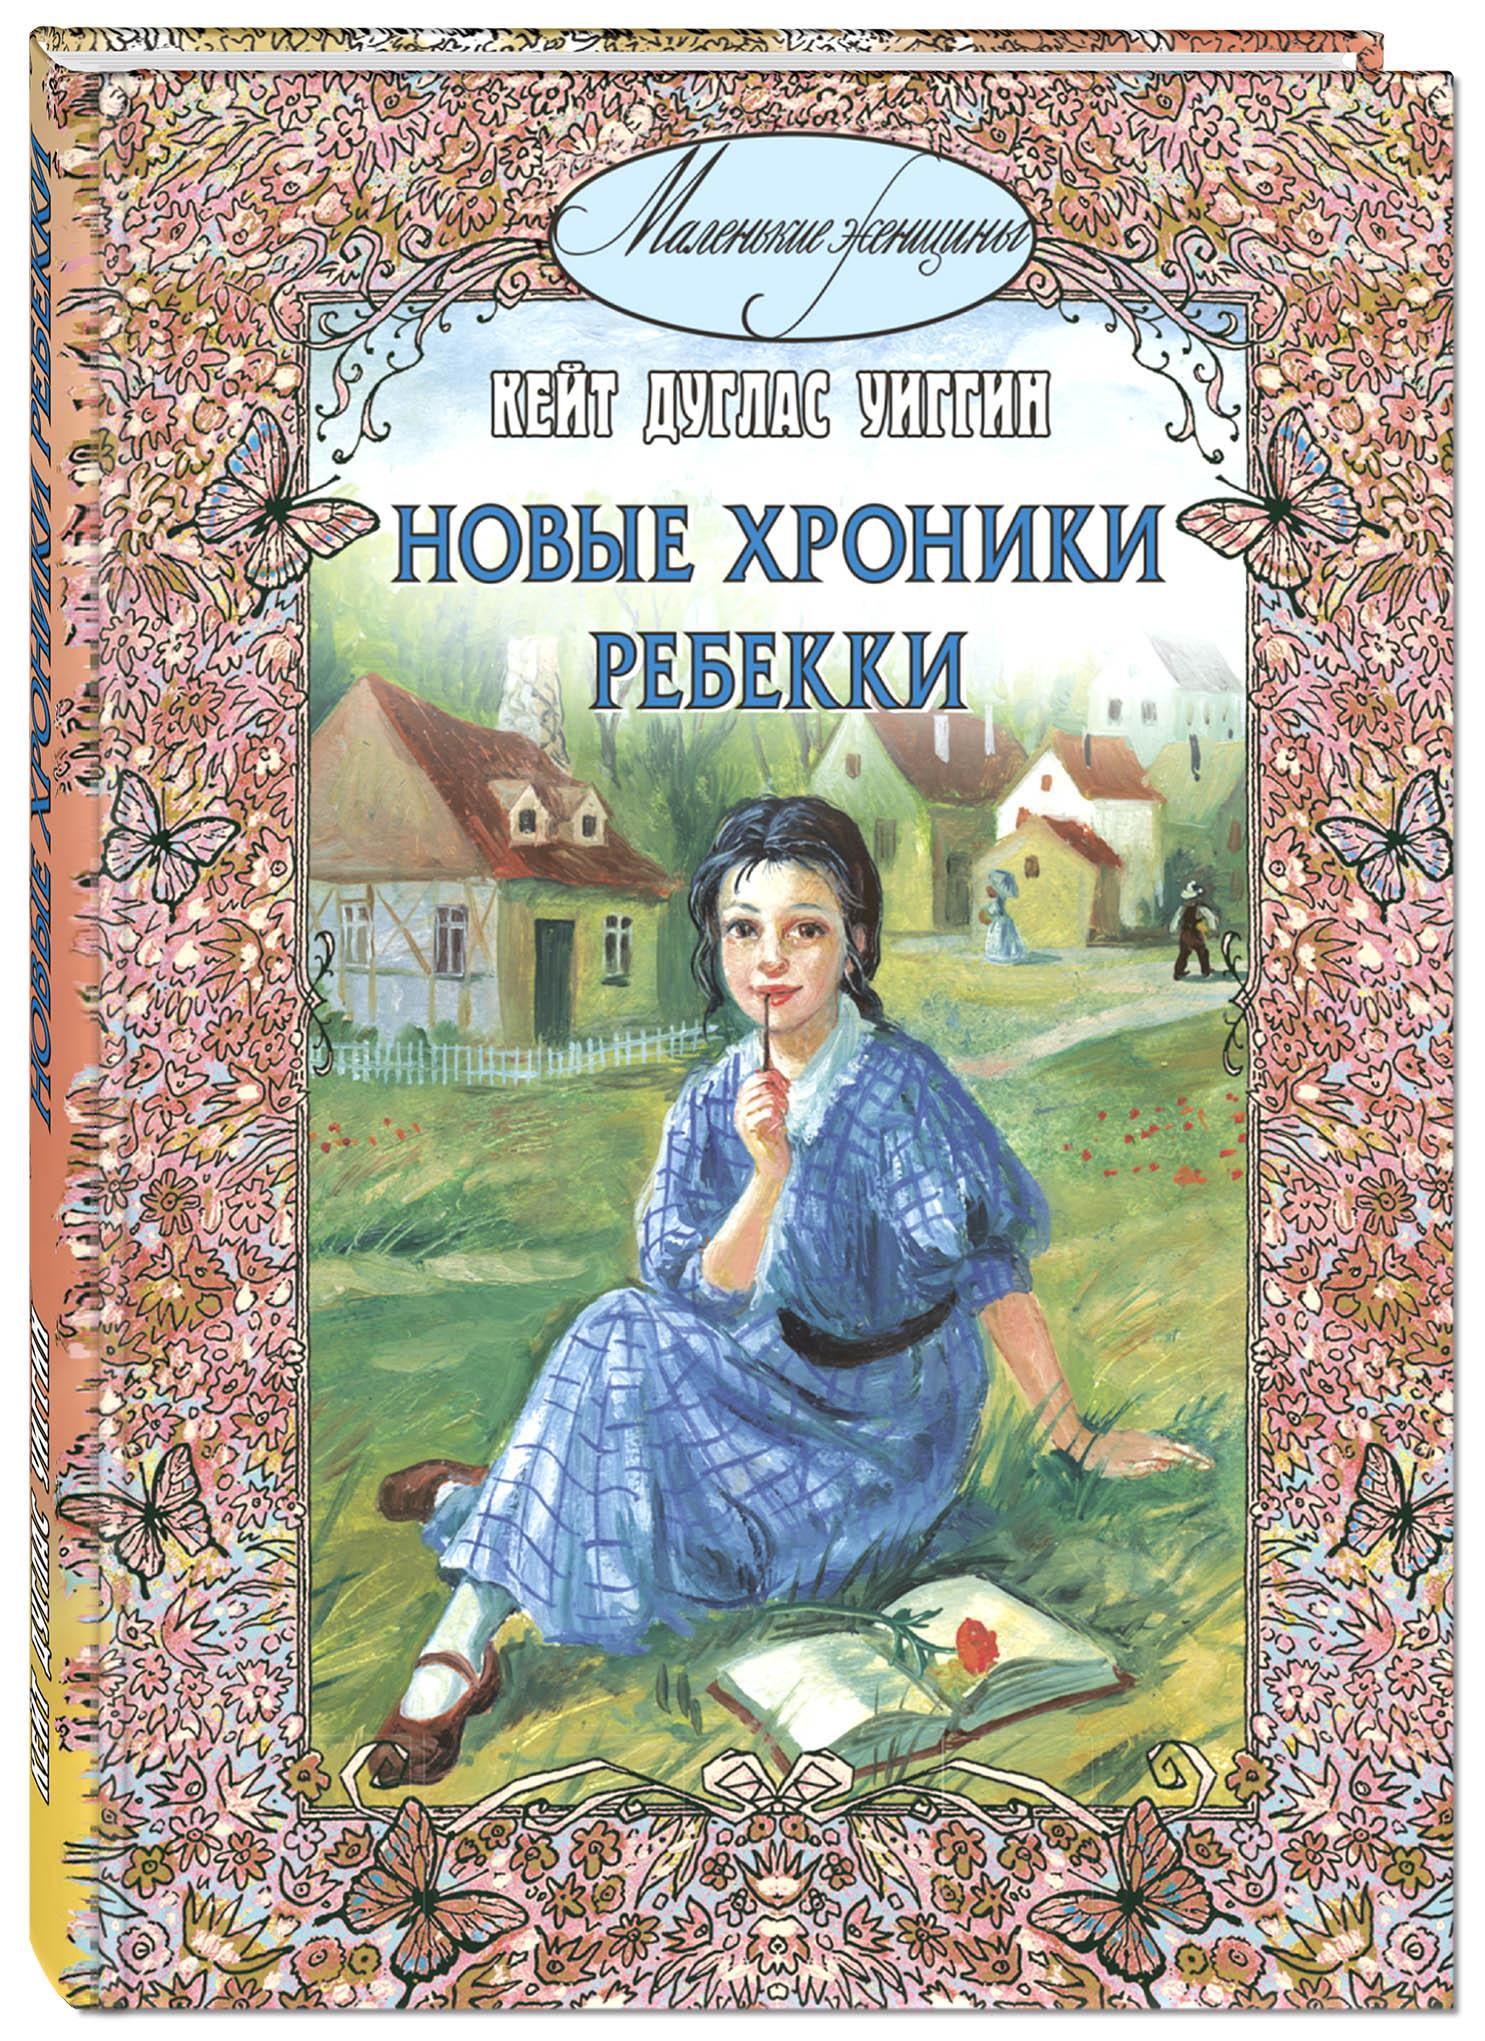 Кейт Дуглас Уиггин Новые хроники Ребекки